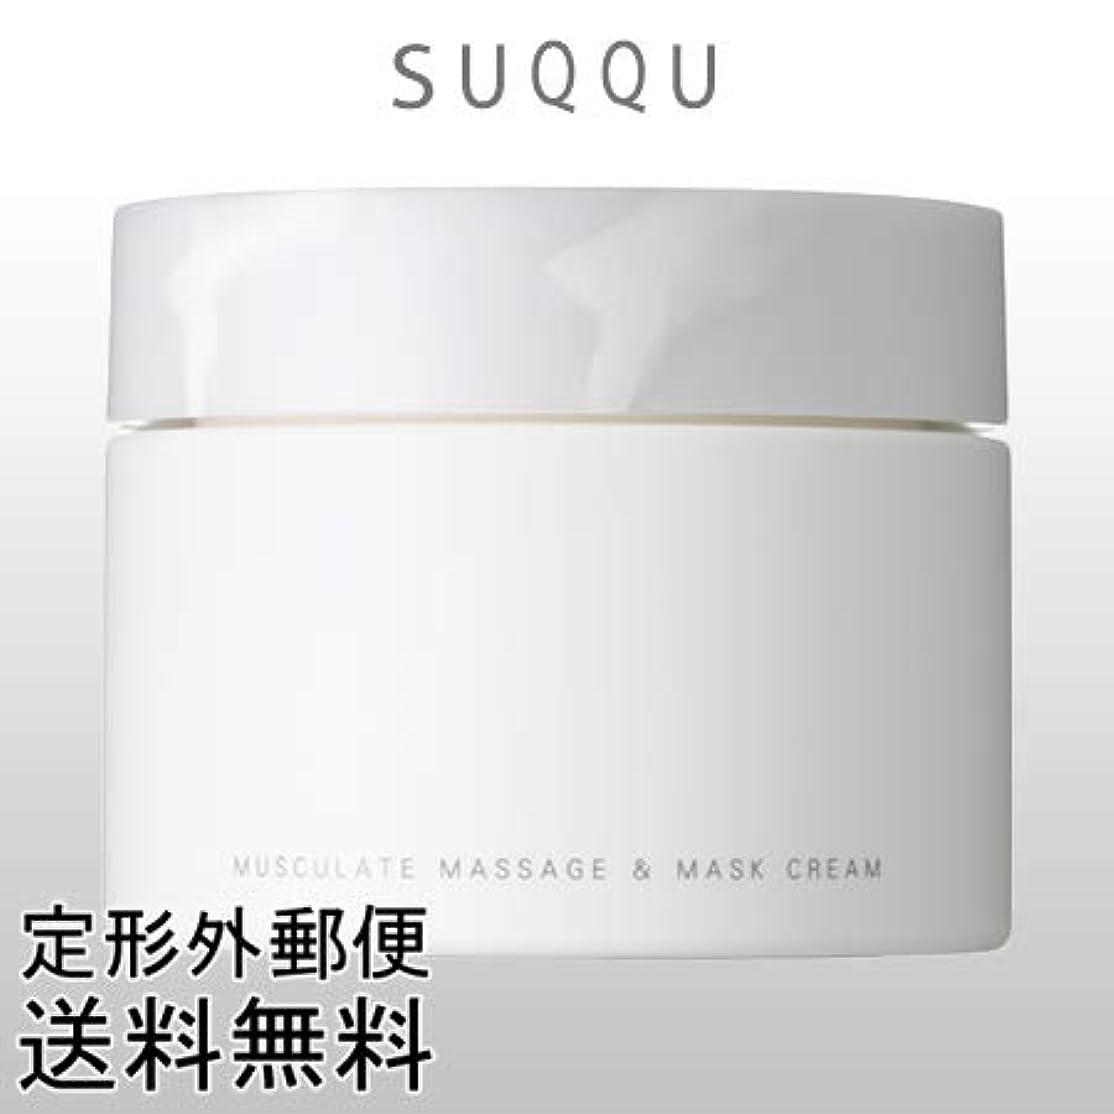 無臭位置する一般的なSUQQU スック マスキュレイト マッサージ&マスク クリーム 200g